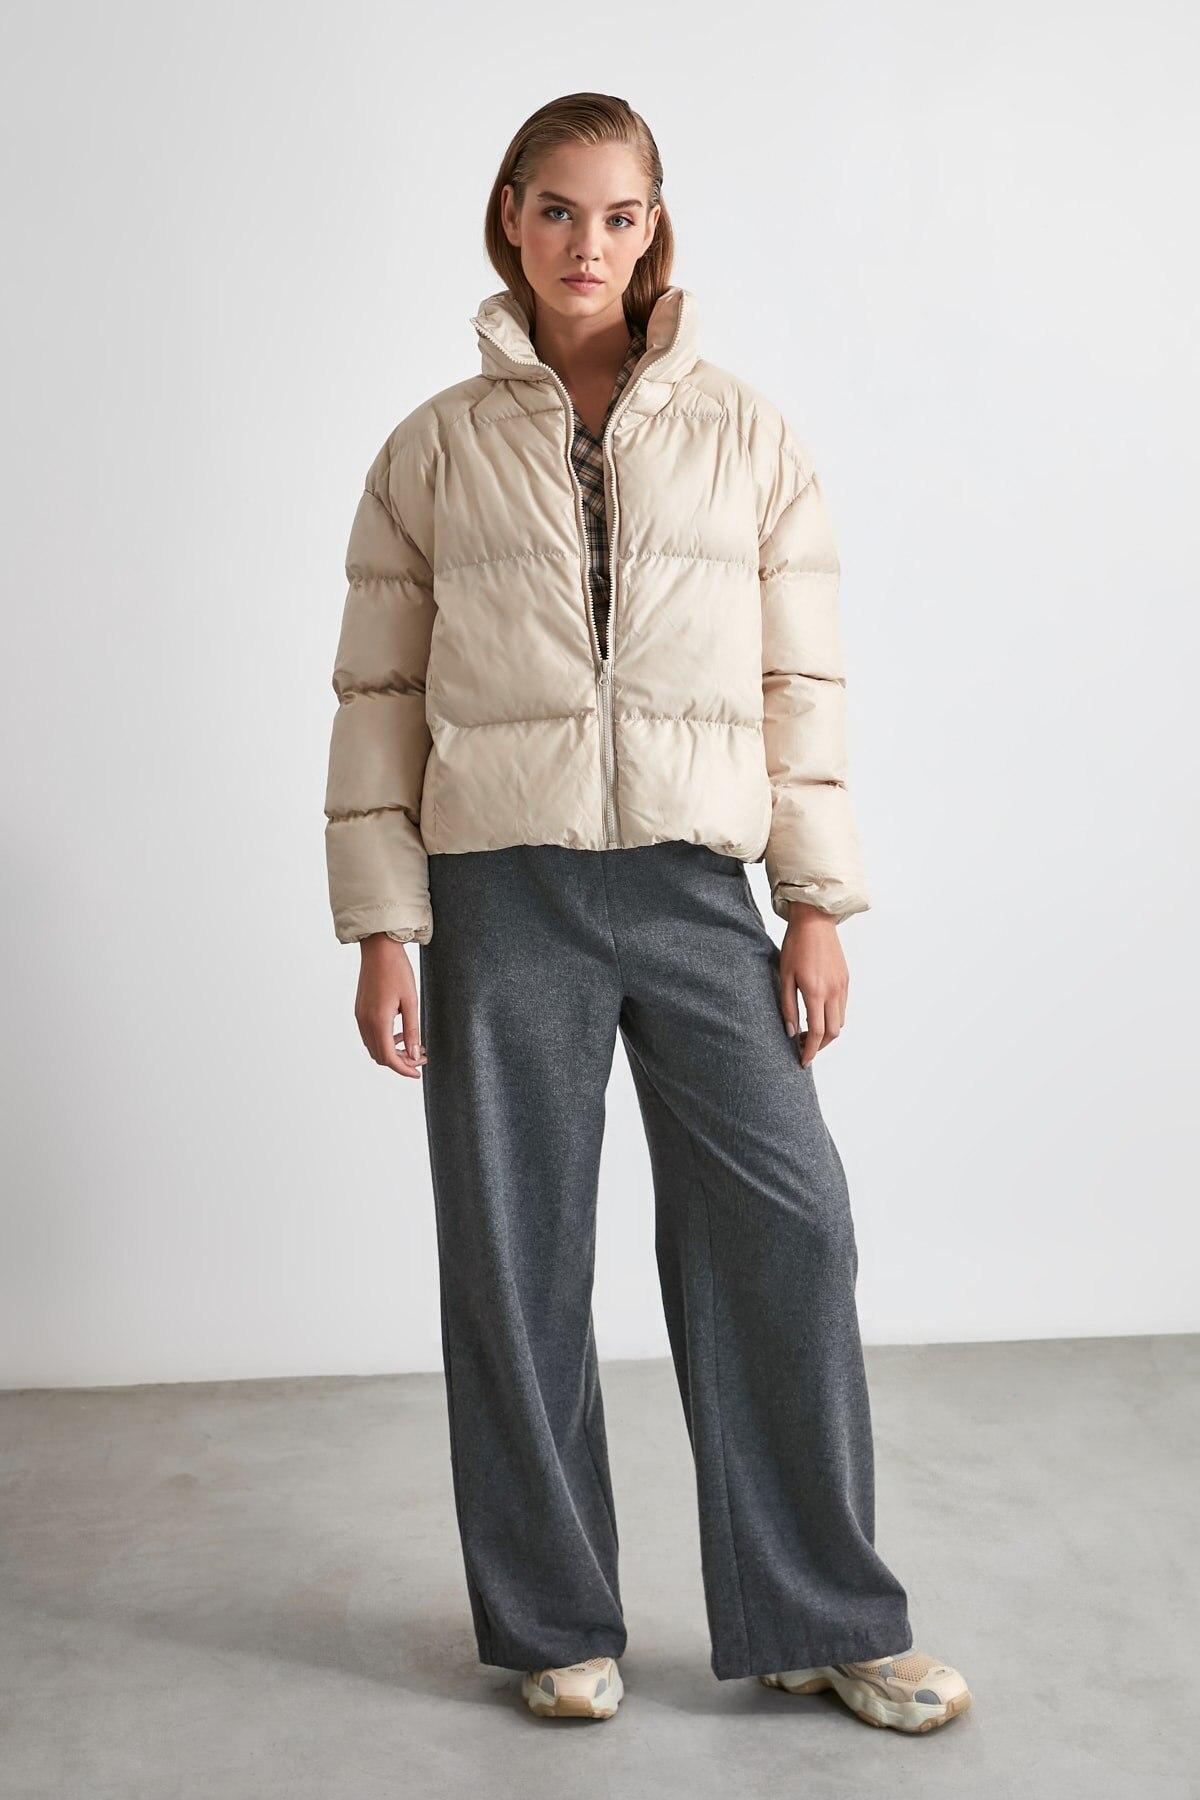 Повседневное женское пальто 2020 осеннее модное пальто из полиэстера с длинным рукавом и вертикальным воротником|Пуховики| | АлиЭкспресс